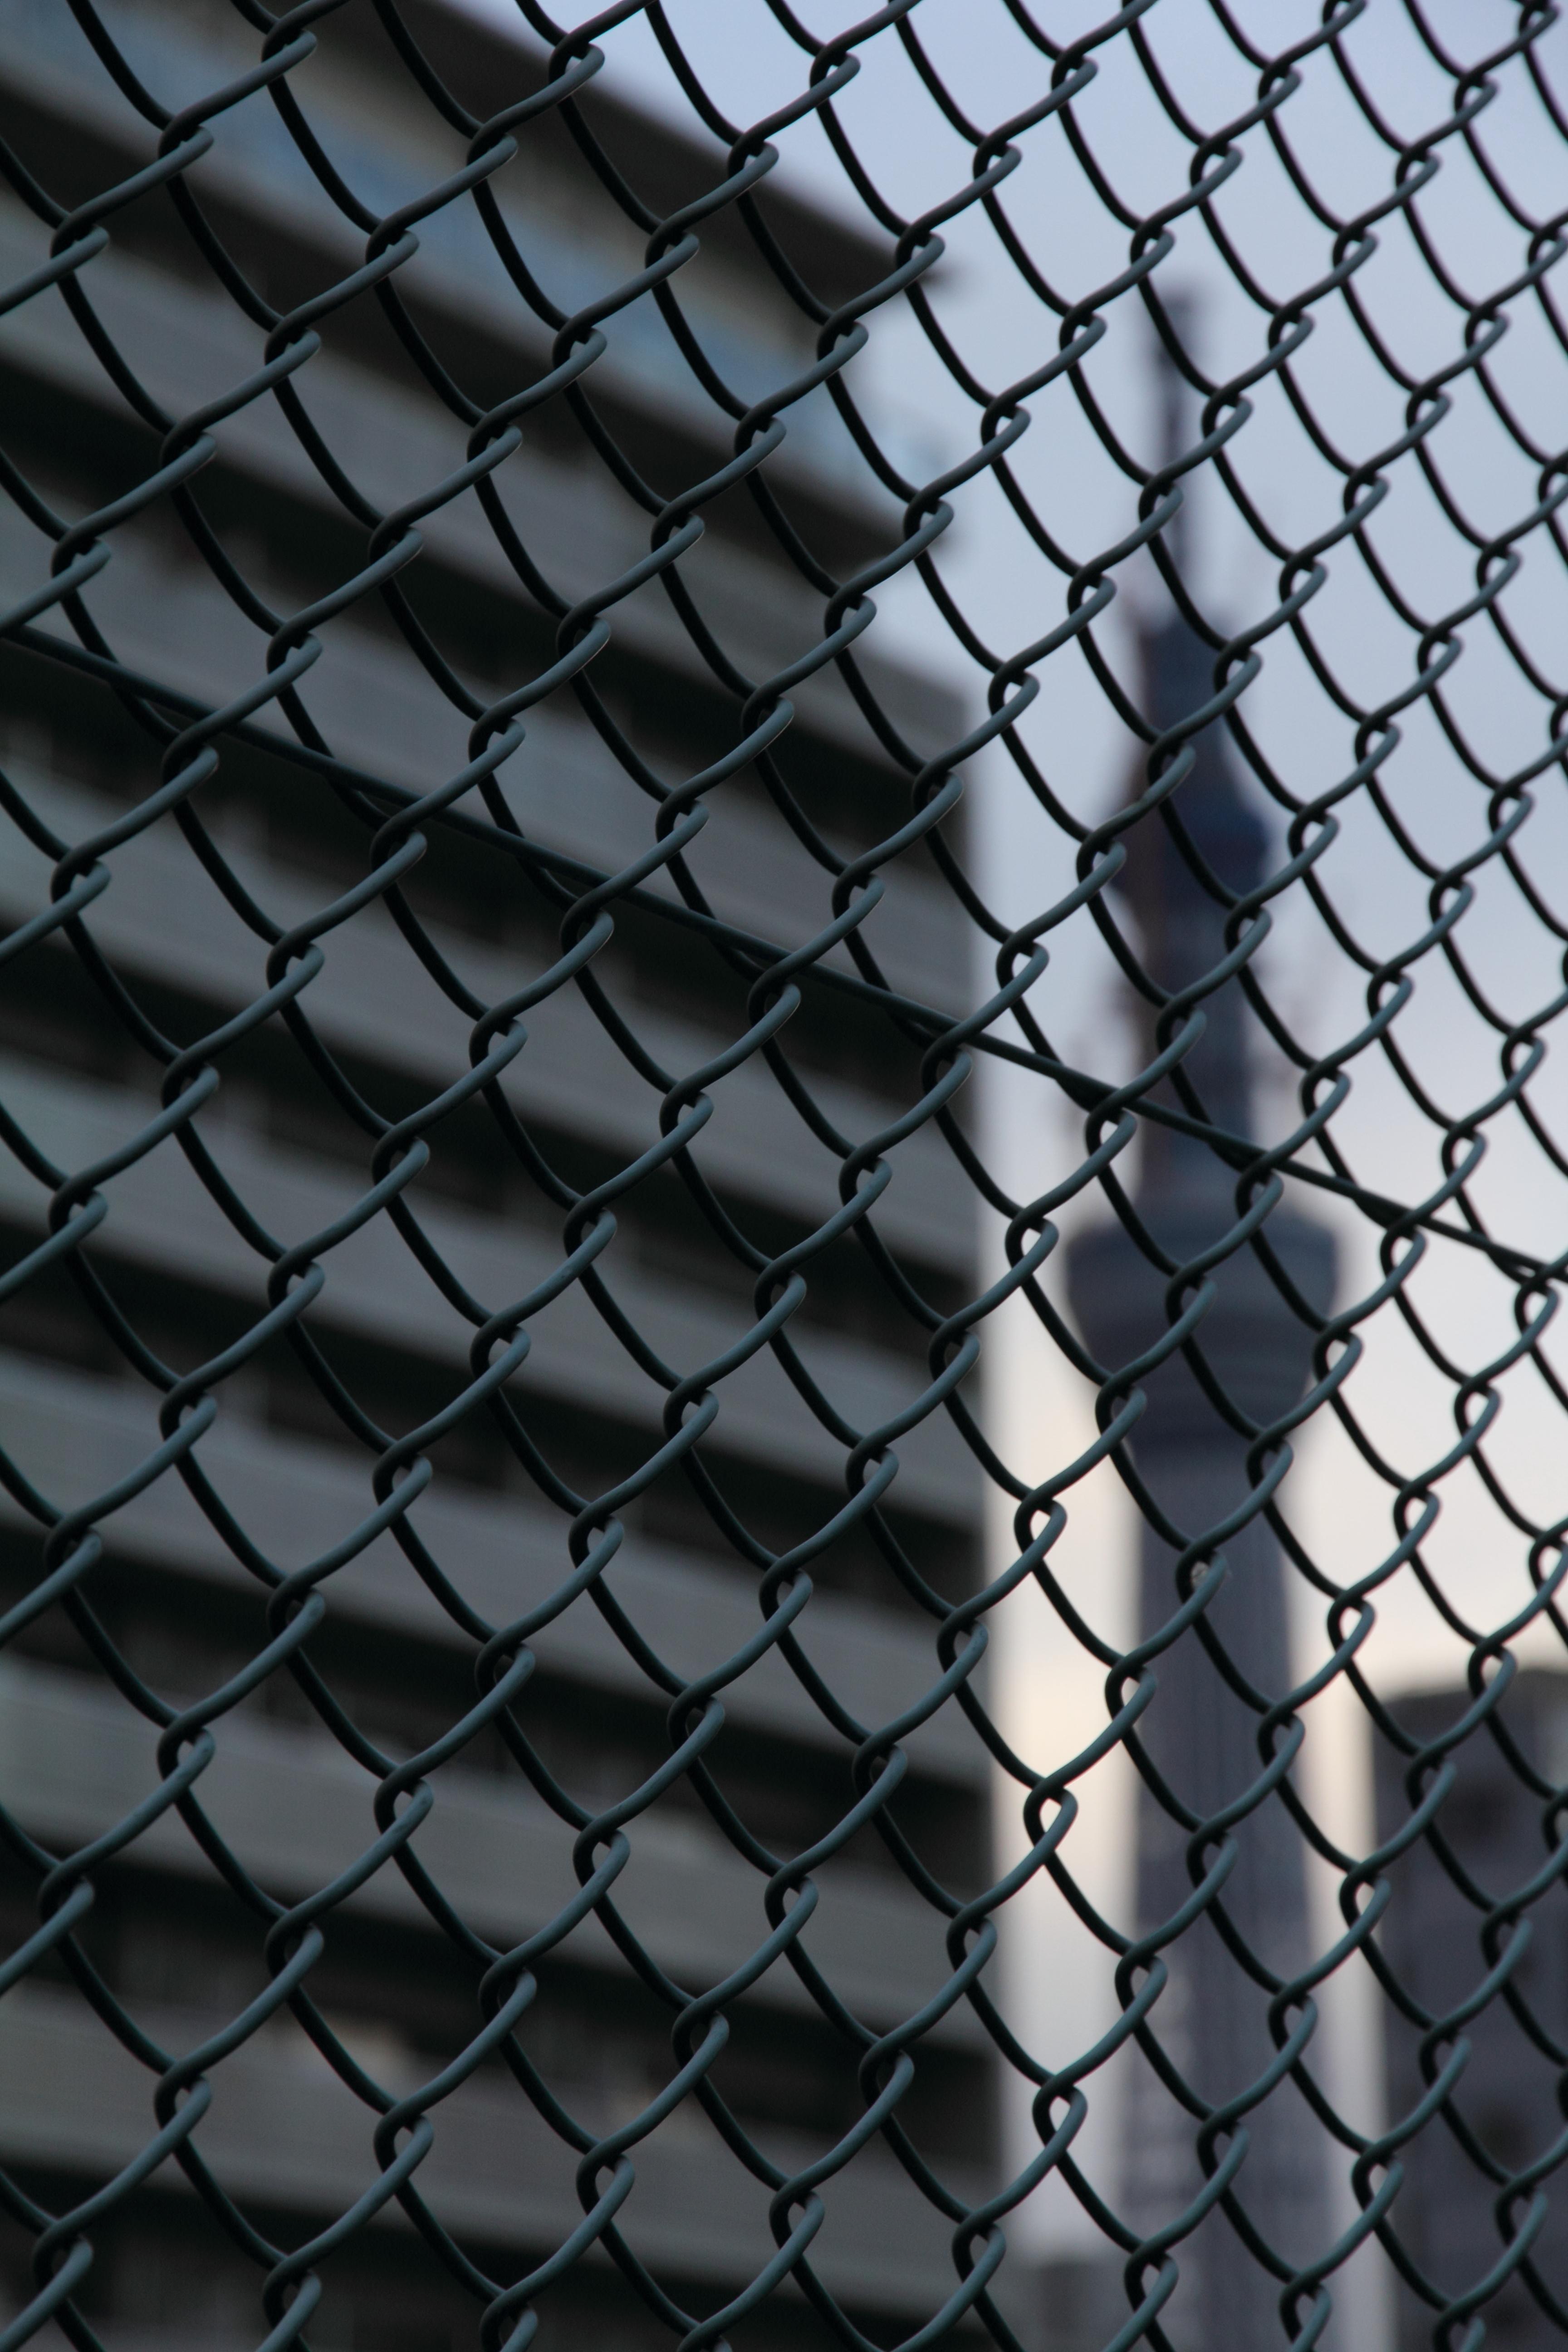 <b>横十間川沿いからも東京スカイツリーは観察できる。ただ、建物などに阻まれ少し撮影はしにくい。ちょうどマンションとビルの隙間から東京スカイツリーが見えるポイントだが、ちょうど網目フェンスが手前にある。近づいて少し望遠で撮影すればフェンスを消すこともできるが、ここではツリーそのもののイメージをなくして撮影した。EOS 60D / EF-S 15-85mm F3.5-5.6 IS USM / 3,456×5,184 / 1/200秒 / F7 / -1EV / ISO250 / 絞り優先 / WB:オート / 76mm / 16:24</b>